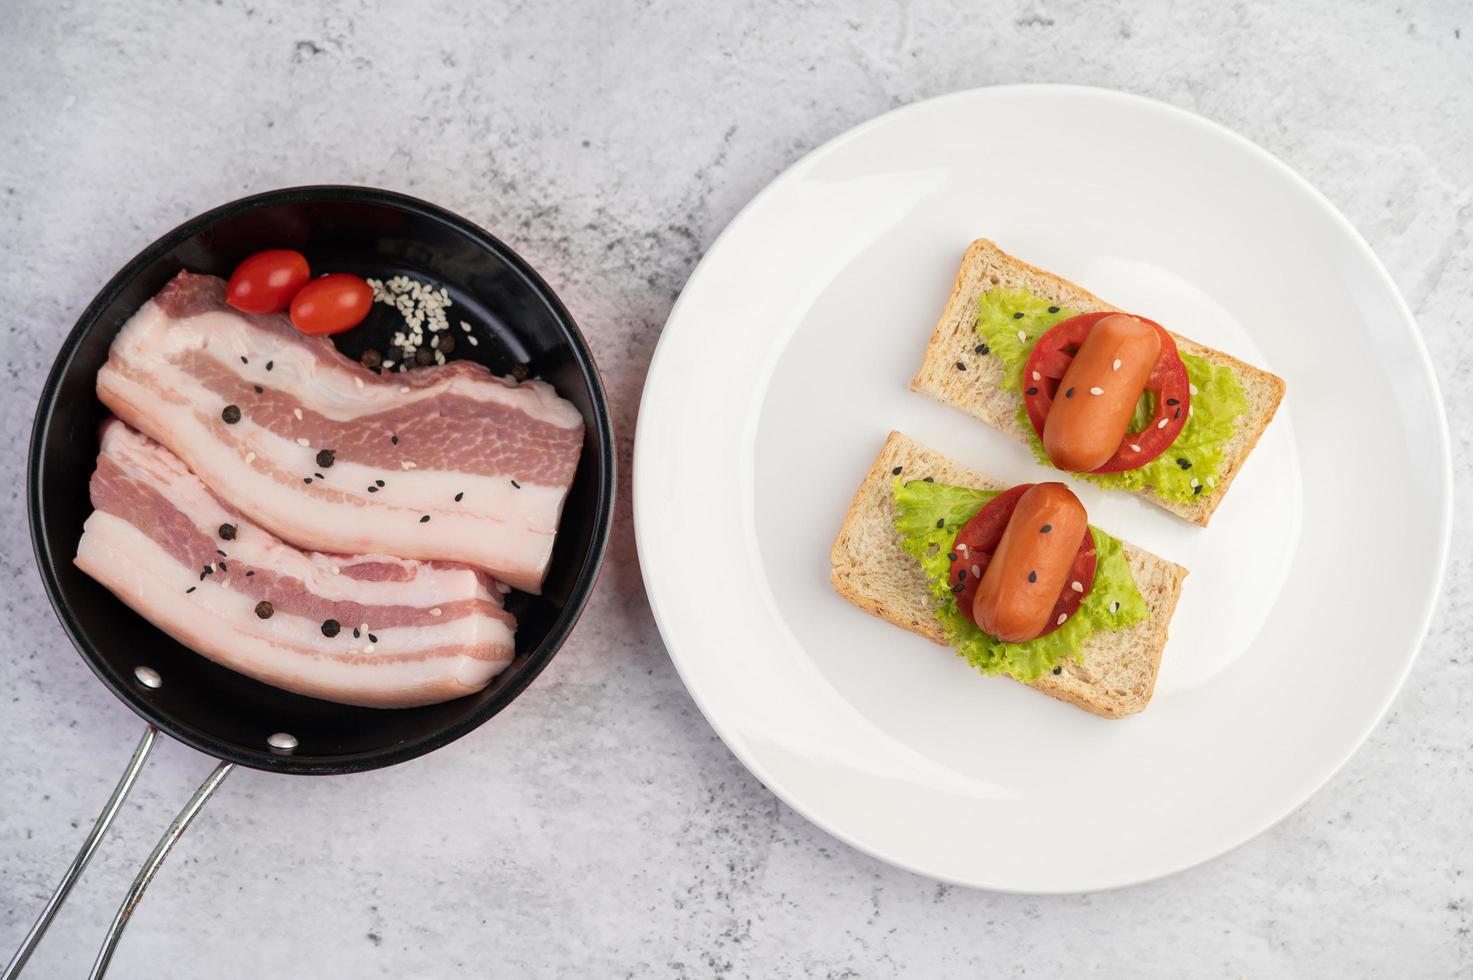 pancetta di maiale in padella con semi di pepe, pomodori e spezie foto